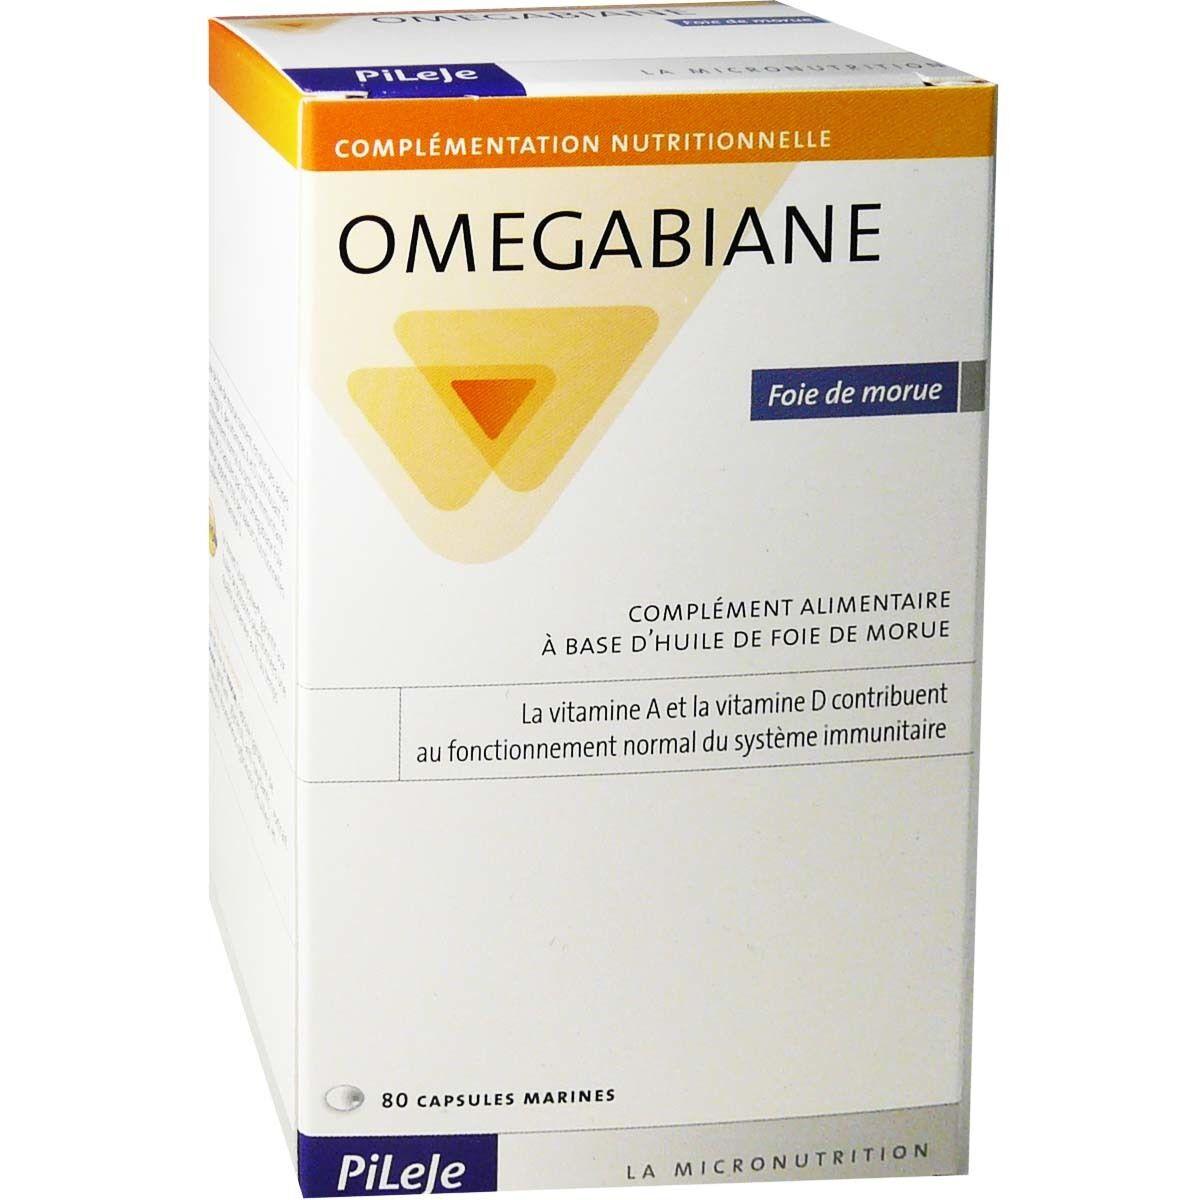 Pileje omegabiane foie de morue 80 capsules